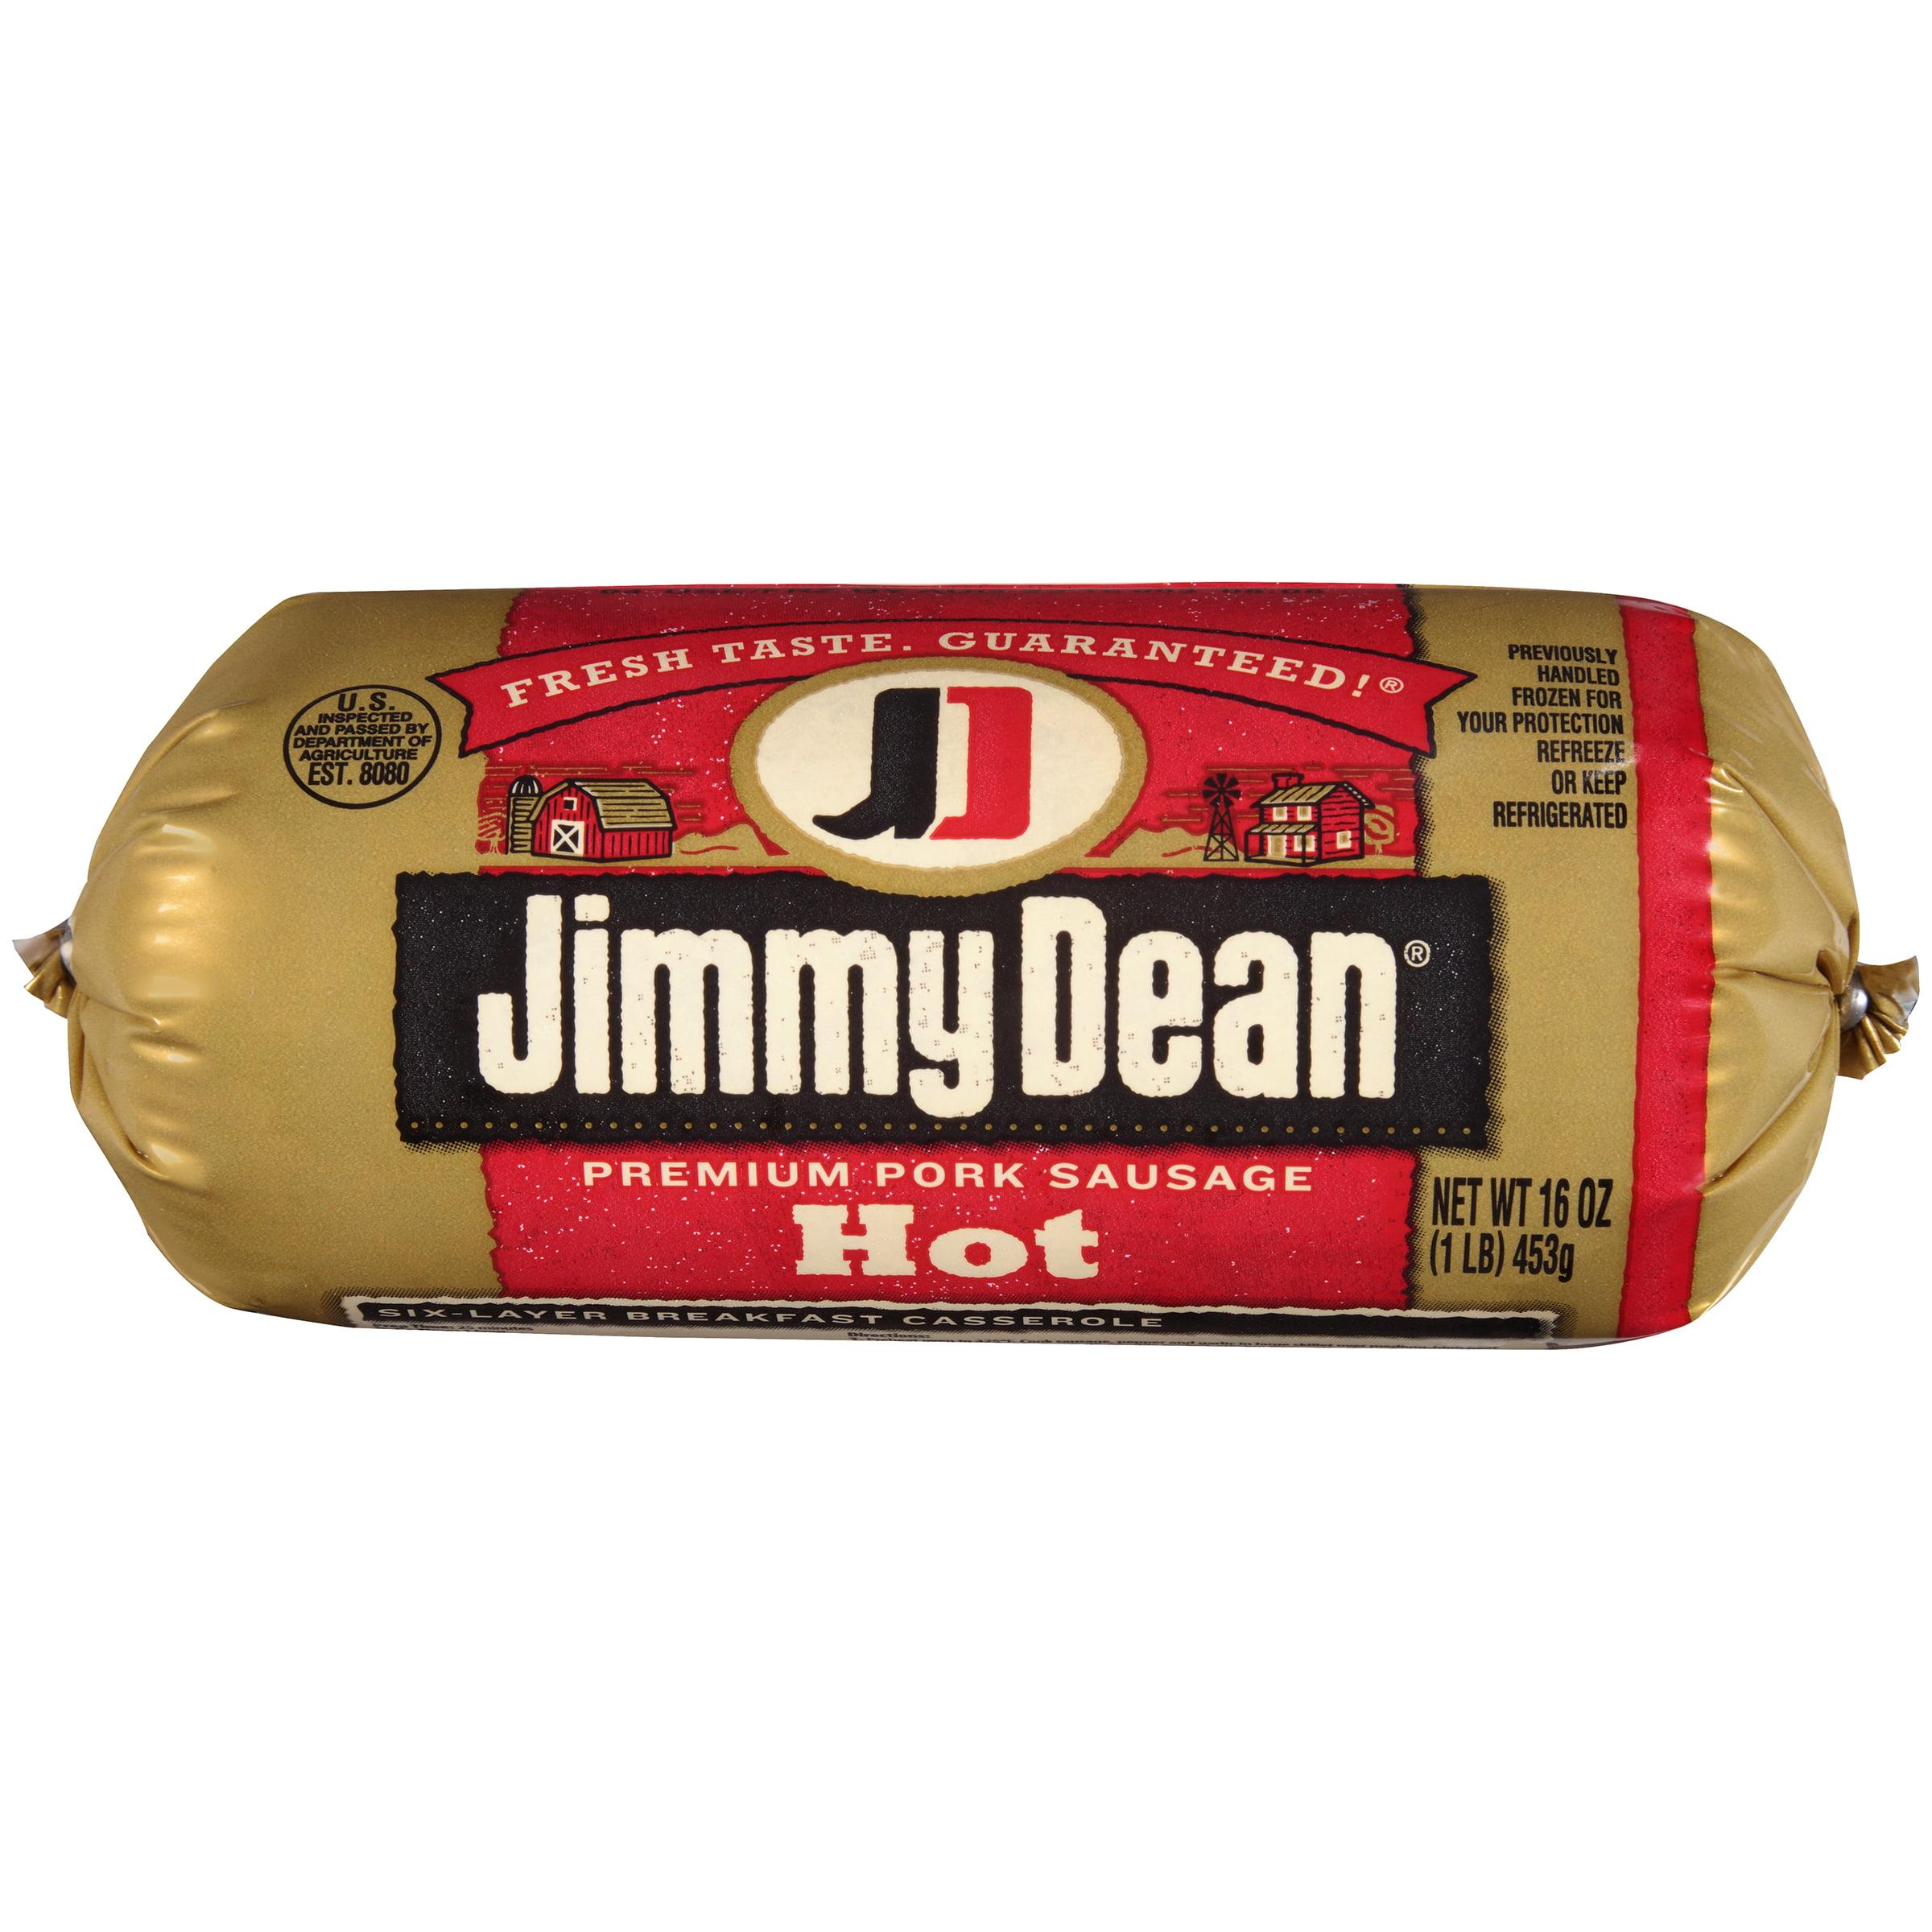 Jimmy Dean® Premium Pork Hot Sausage Roll, 16 oz.